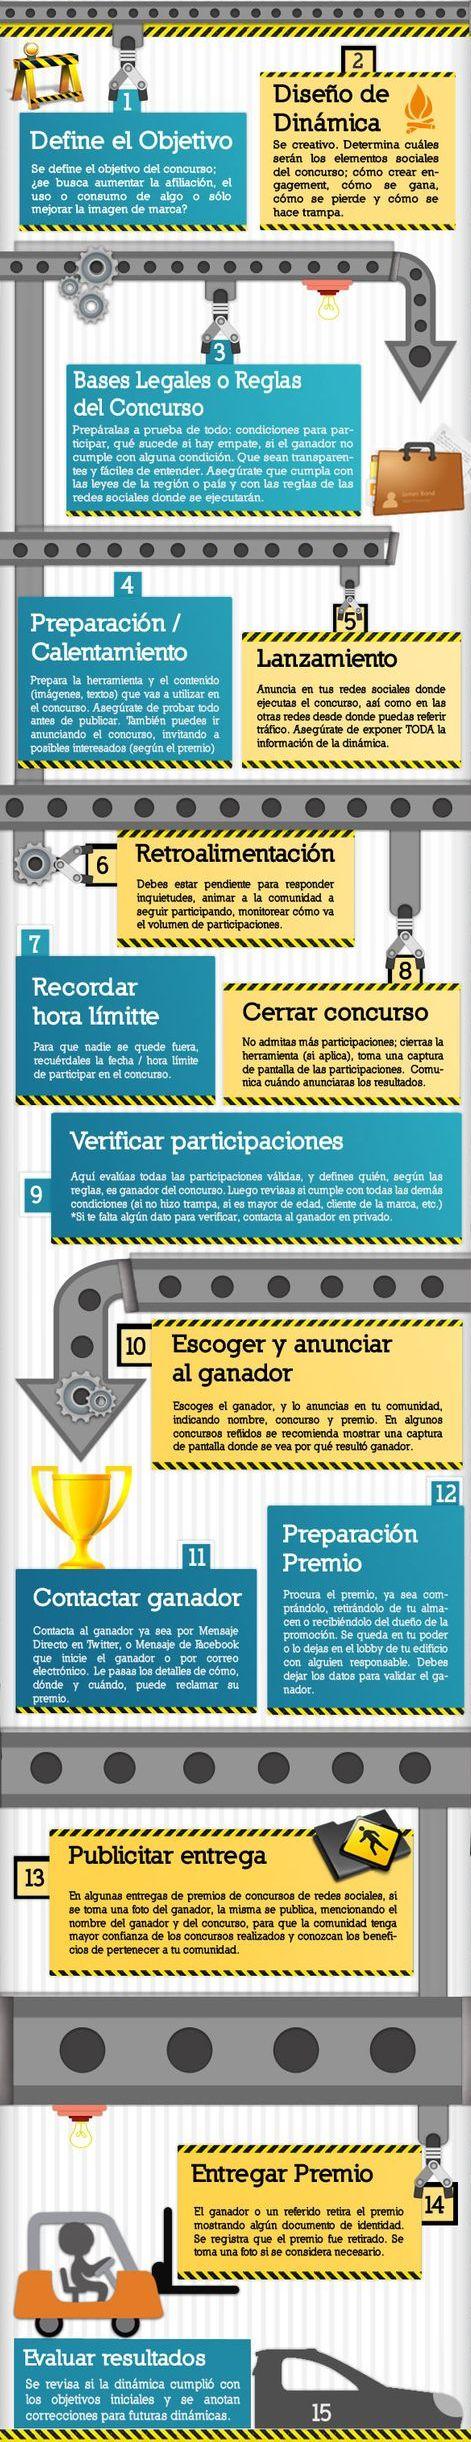 pasos-concurso-redes-sociales-infografia